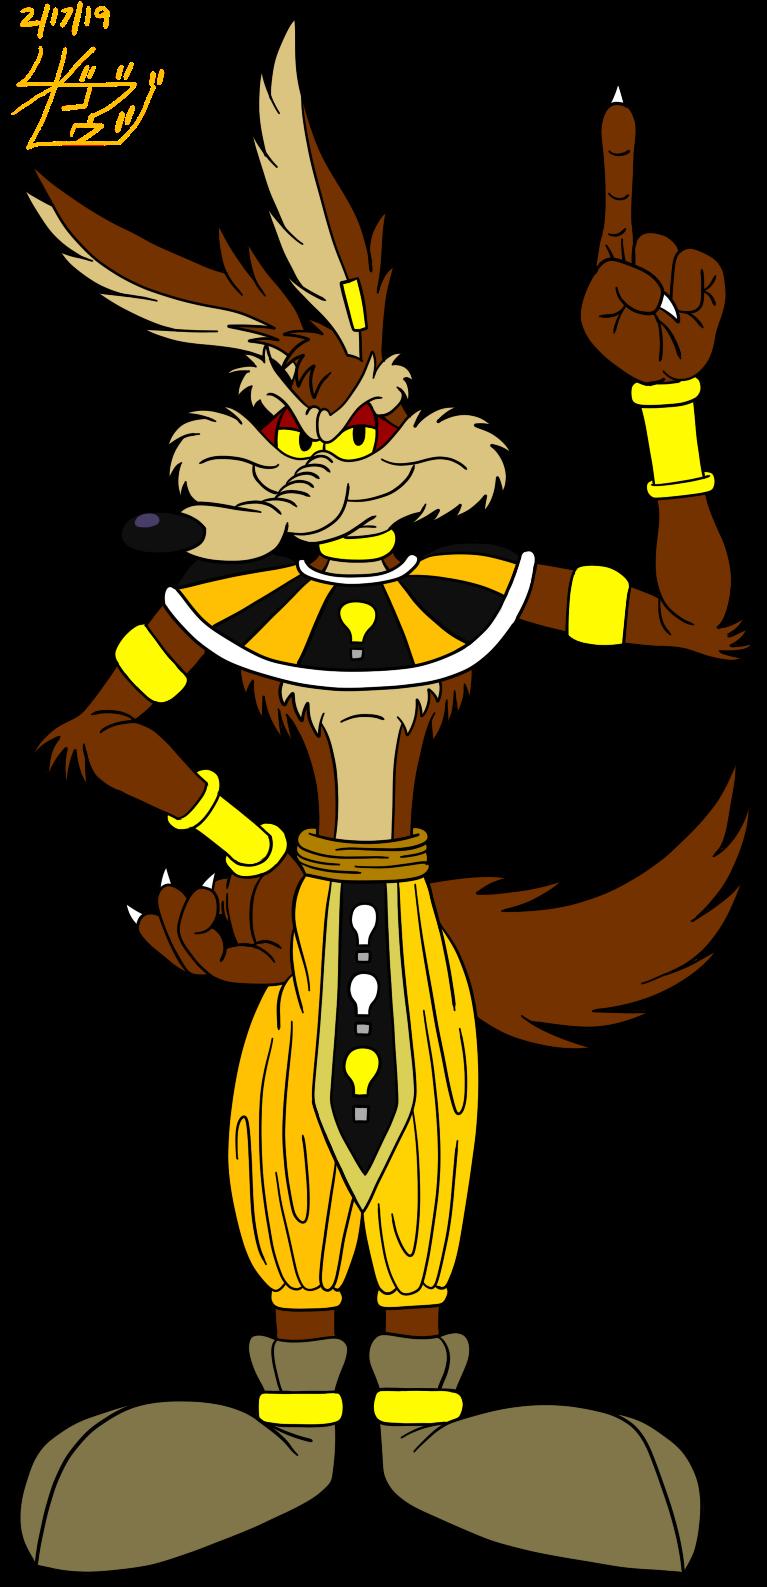 Wisk E. Coyote